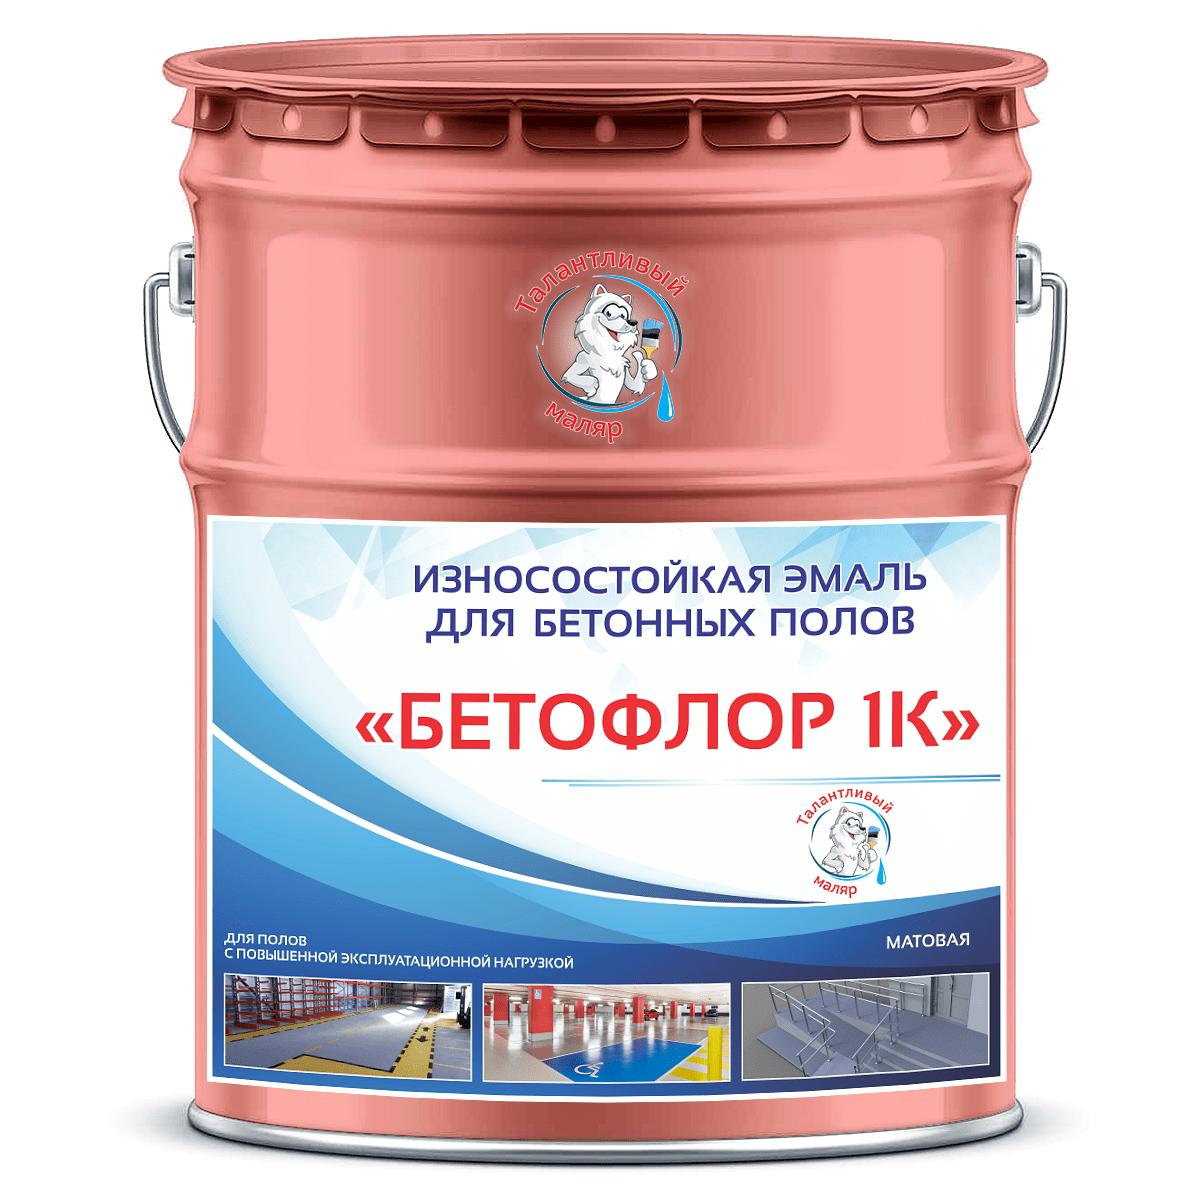 """Фото 4 - BF3015 Эмаль для бетонных полов """"Бетофлор"""" 1К цвет RAL 3015 Светло-розовый, матовая износостойкая, 25 кг """"Талантливый Маляр""""."""